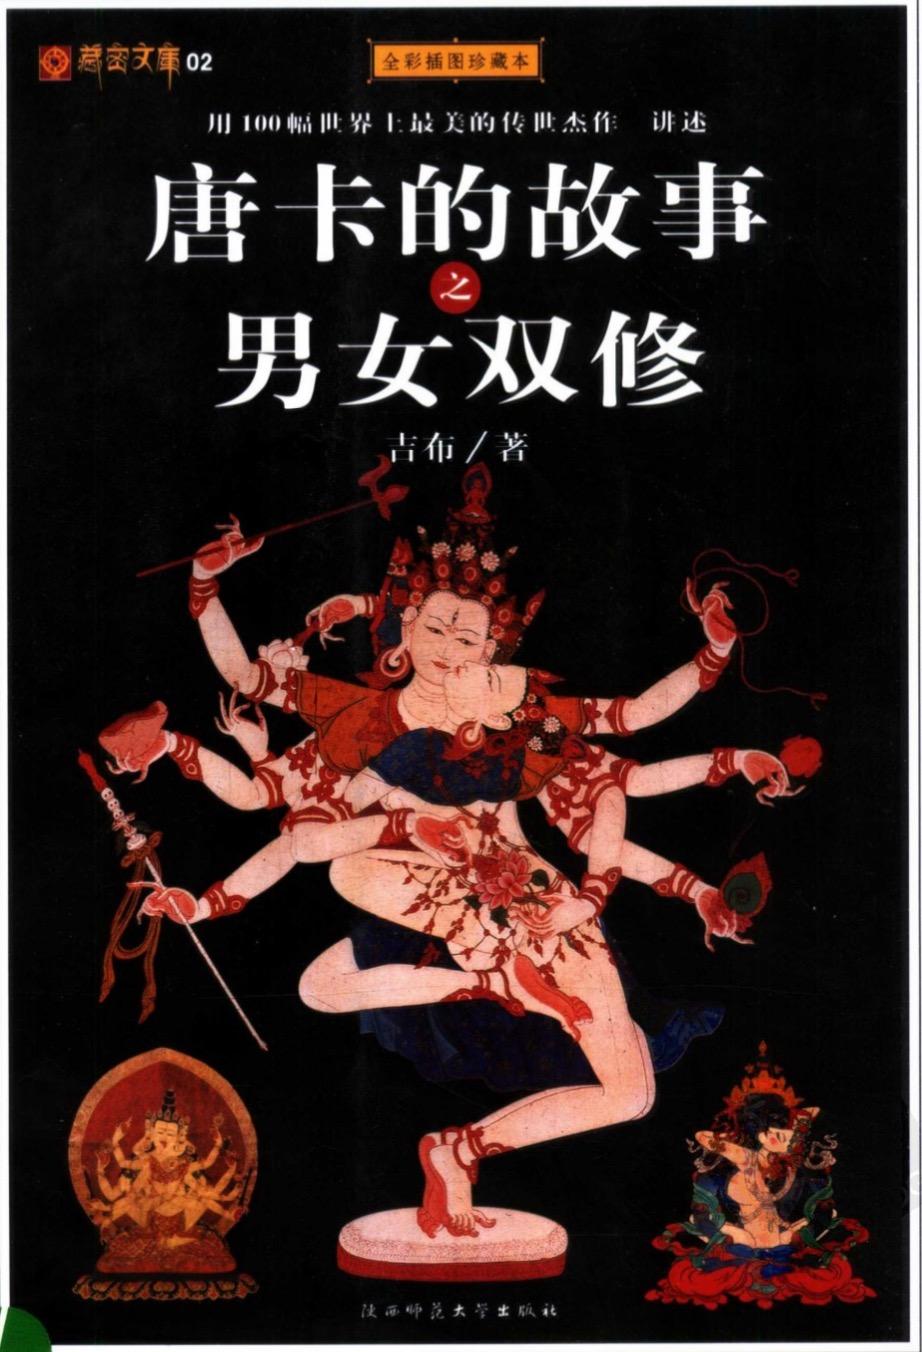 藏密文库02唐卡的故事之男女双修(全彩插图珍藏本).pdf 百度网盘